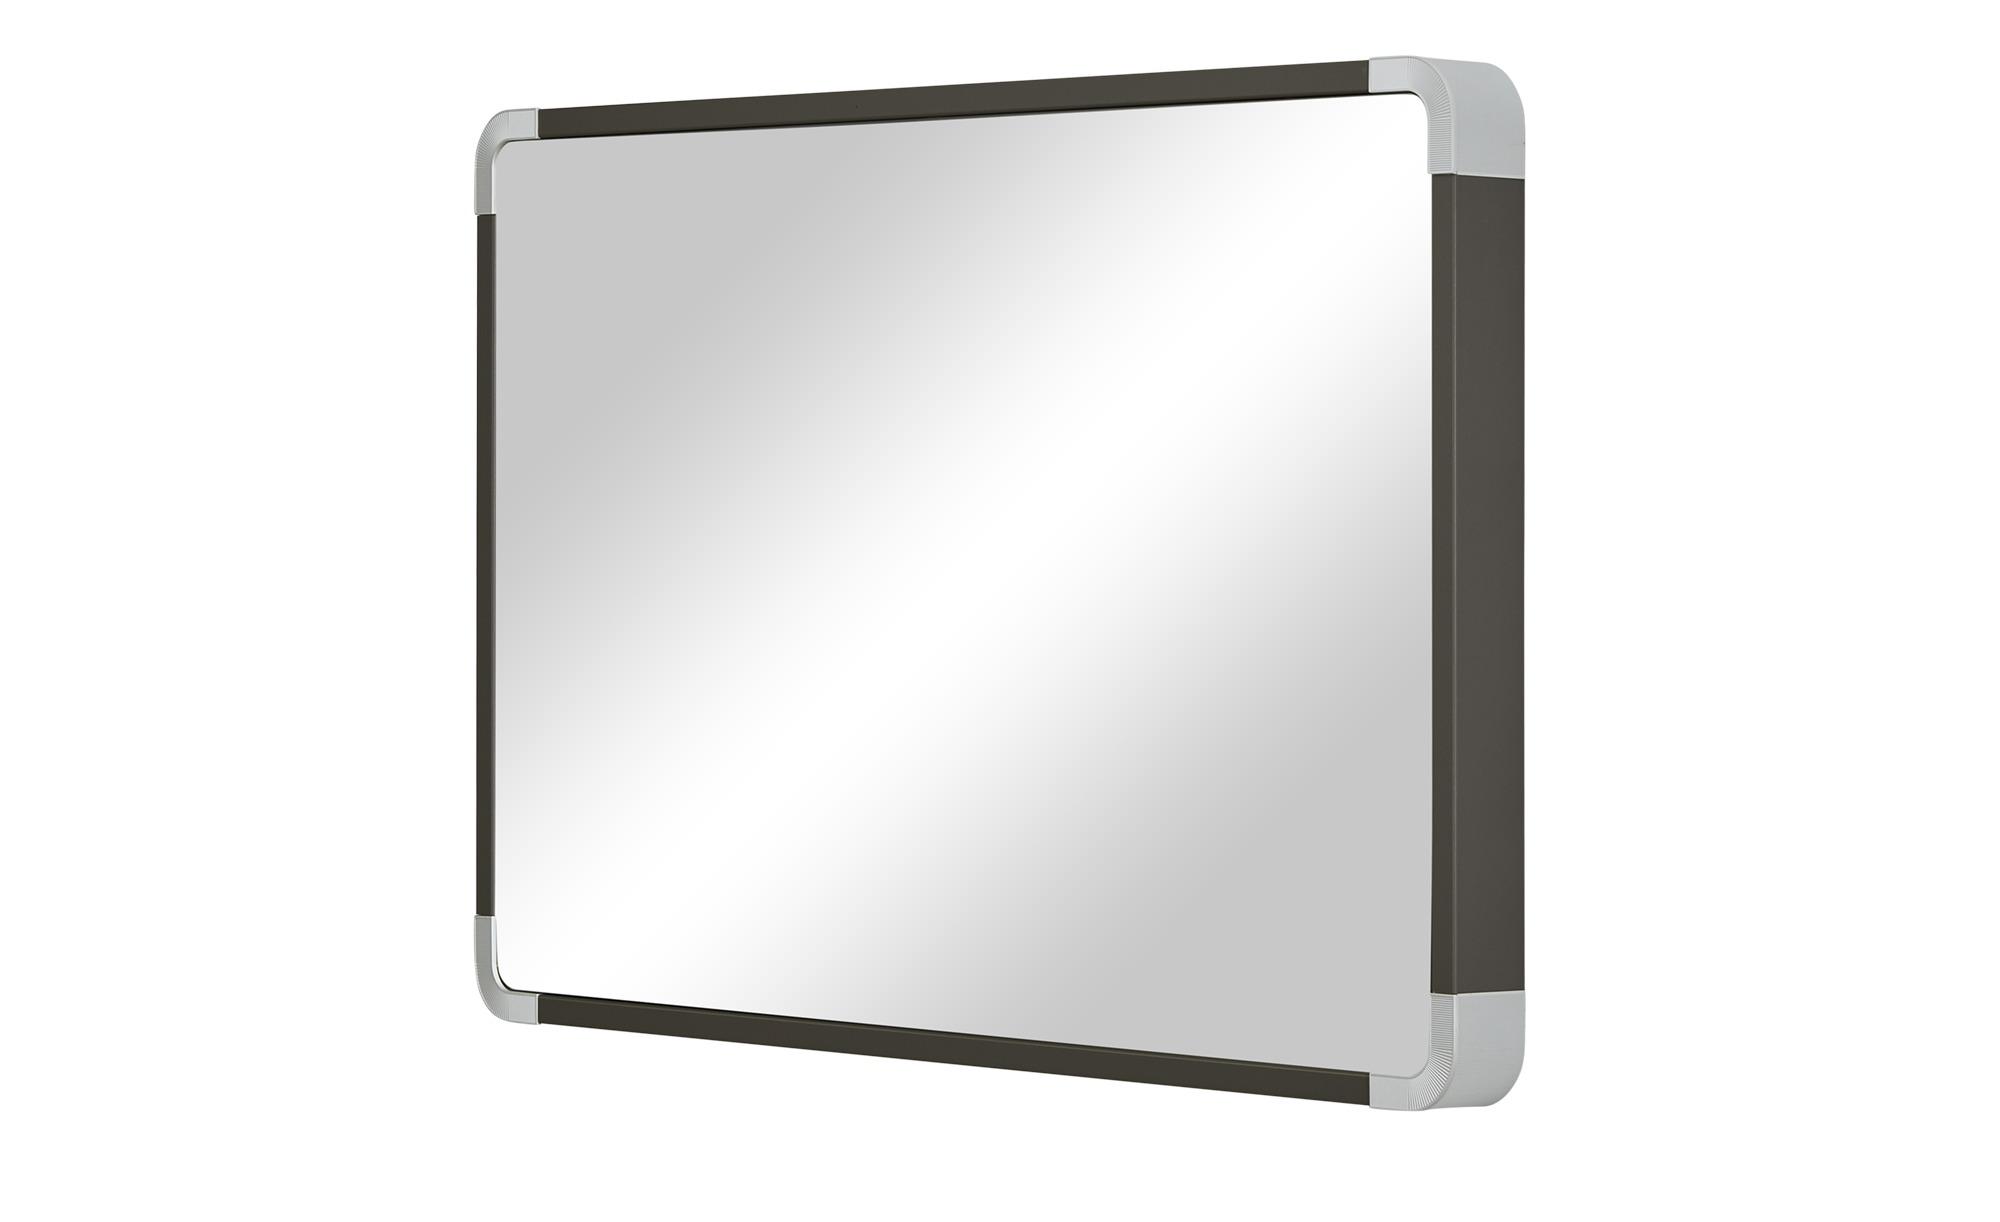 Spiegel Elara ¦ Maße (cm): B: 94 H: 61 Schränke > Badschränke >  Badezimmerspiegel - Höffner